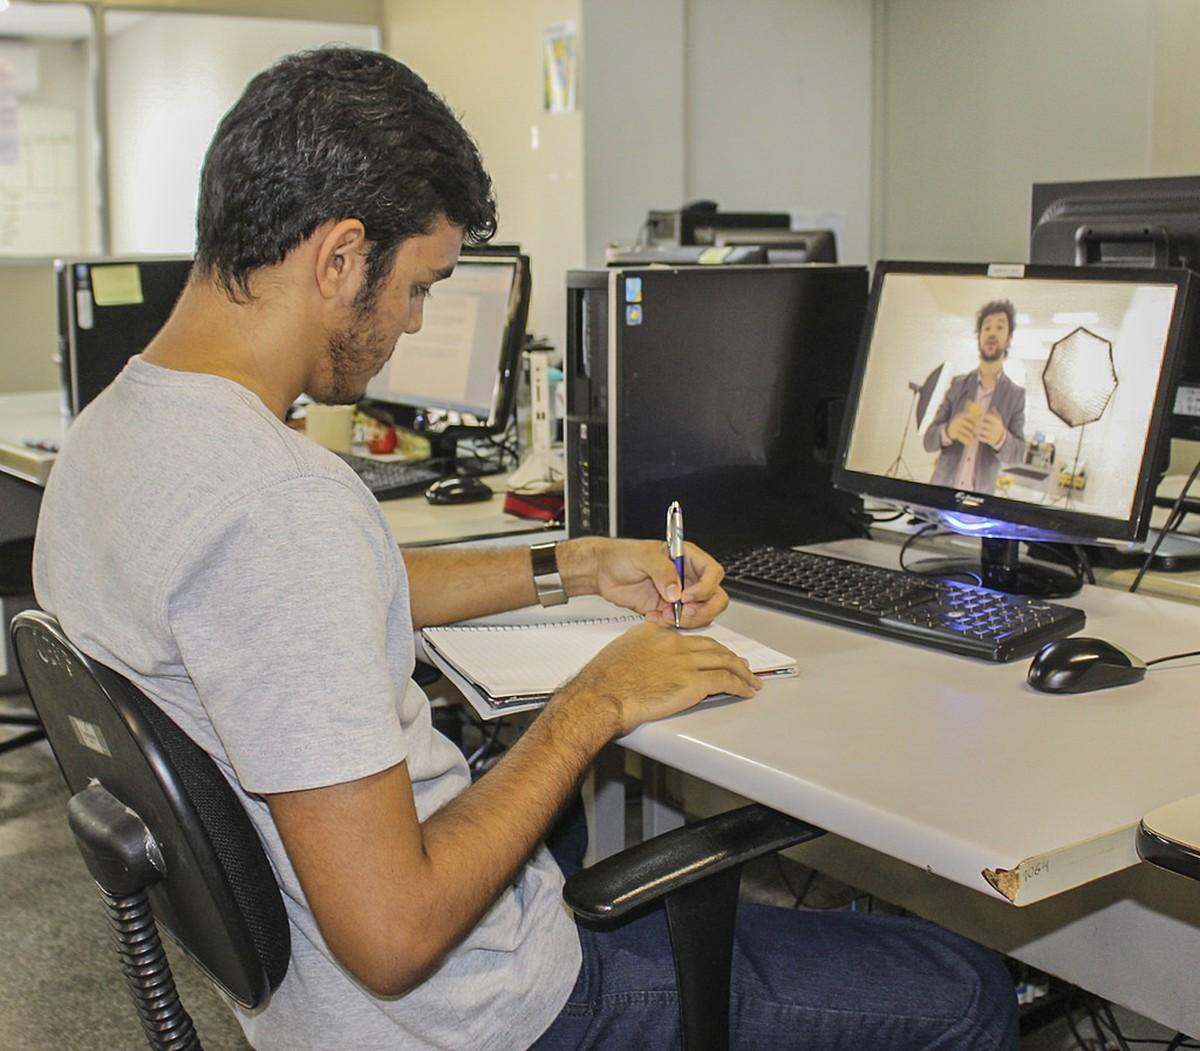 Instituto recebe inscrições para 160 vagas em cursos técnicos gratuitos, em Campinas